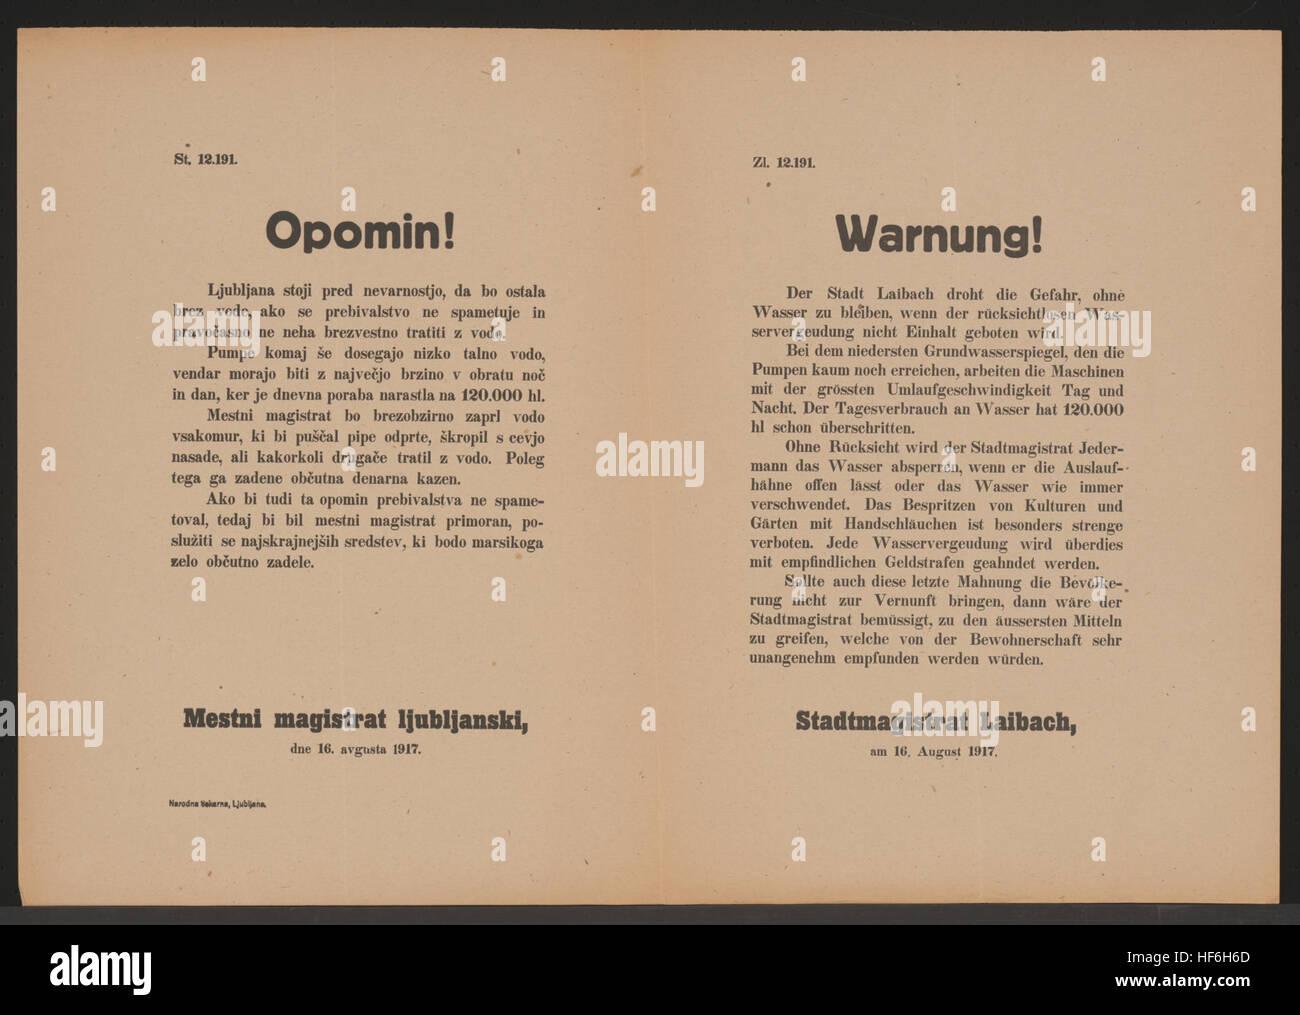 Wasserknappheit - Jedem der Wasserhähne offen lässt, wird Wasser abgesperrt - Bespritzen von Kulturen und Gärten ist besonders verboten - Empfindliche Geldstrafen - Wird der Wasservergeudung kein Einhalt geboten, wird das Stadtmagistrat zu äußersten Mitteln greifen - Stadtmagistrat Laibach, am 16. August 1917 - Zl. 12.191 Wasservergeudung - Warnung - Laibach - Mehrsprachiges Plakat 1917 Stock Photo